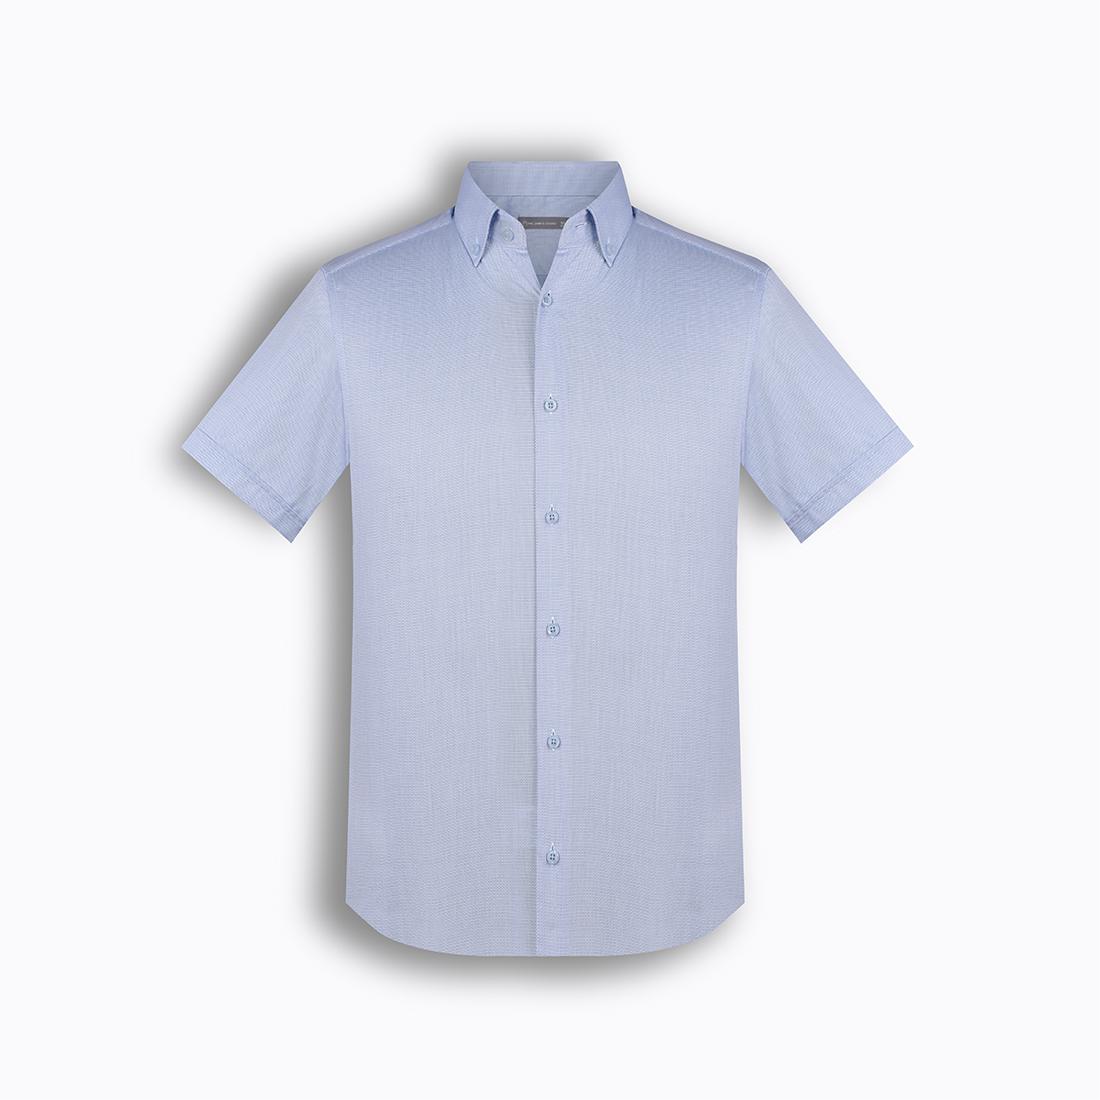 Áo sơ mi nam tay ngắn họa tiết The Shirts Studio Hàn Quốc TD42F2316BL